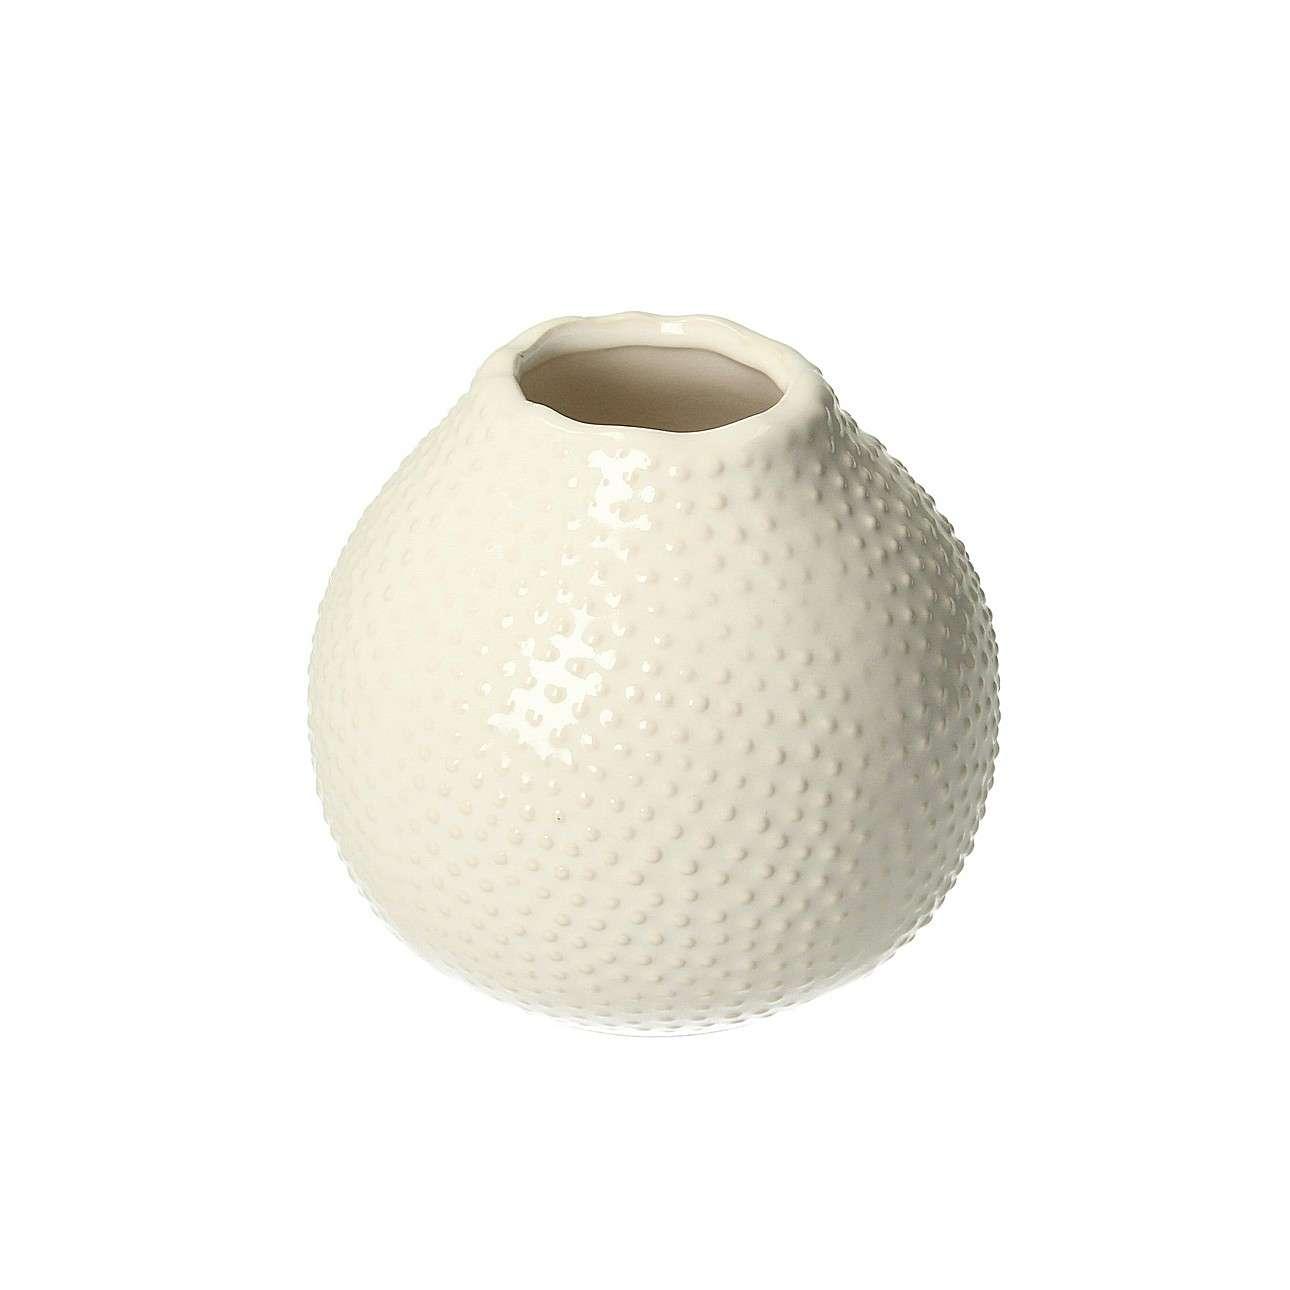 Vase Tessa White 13cm